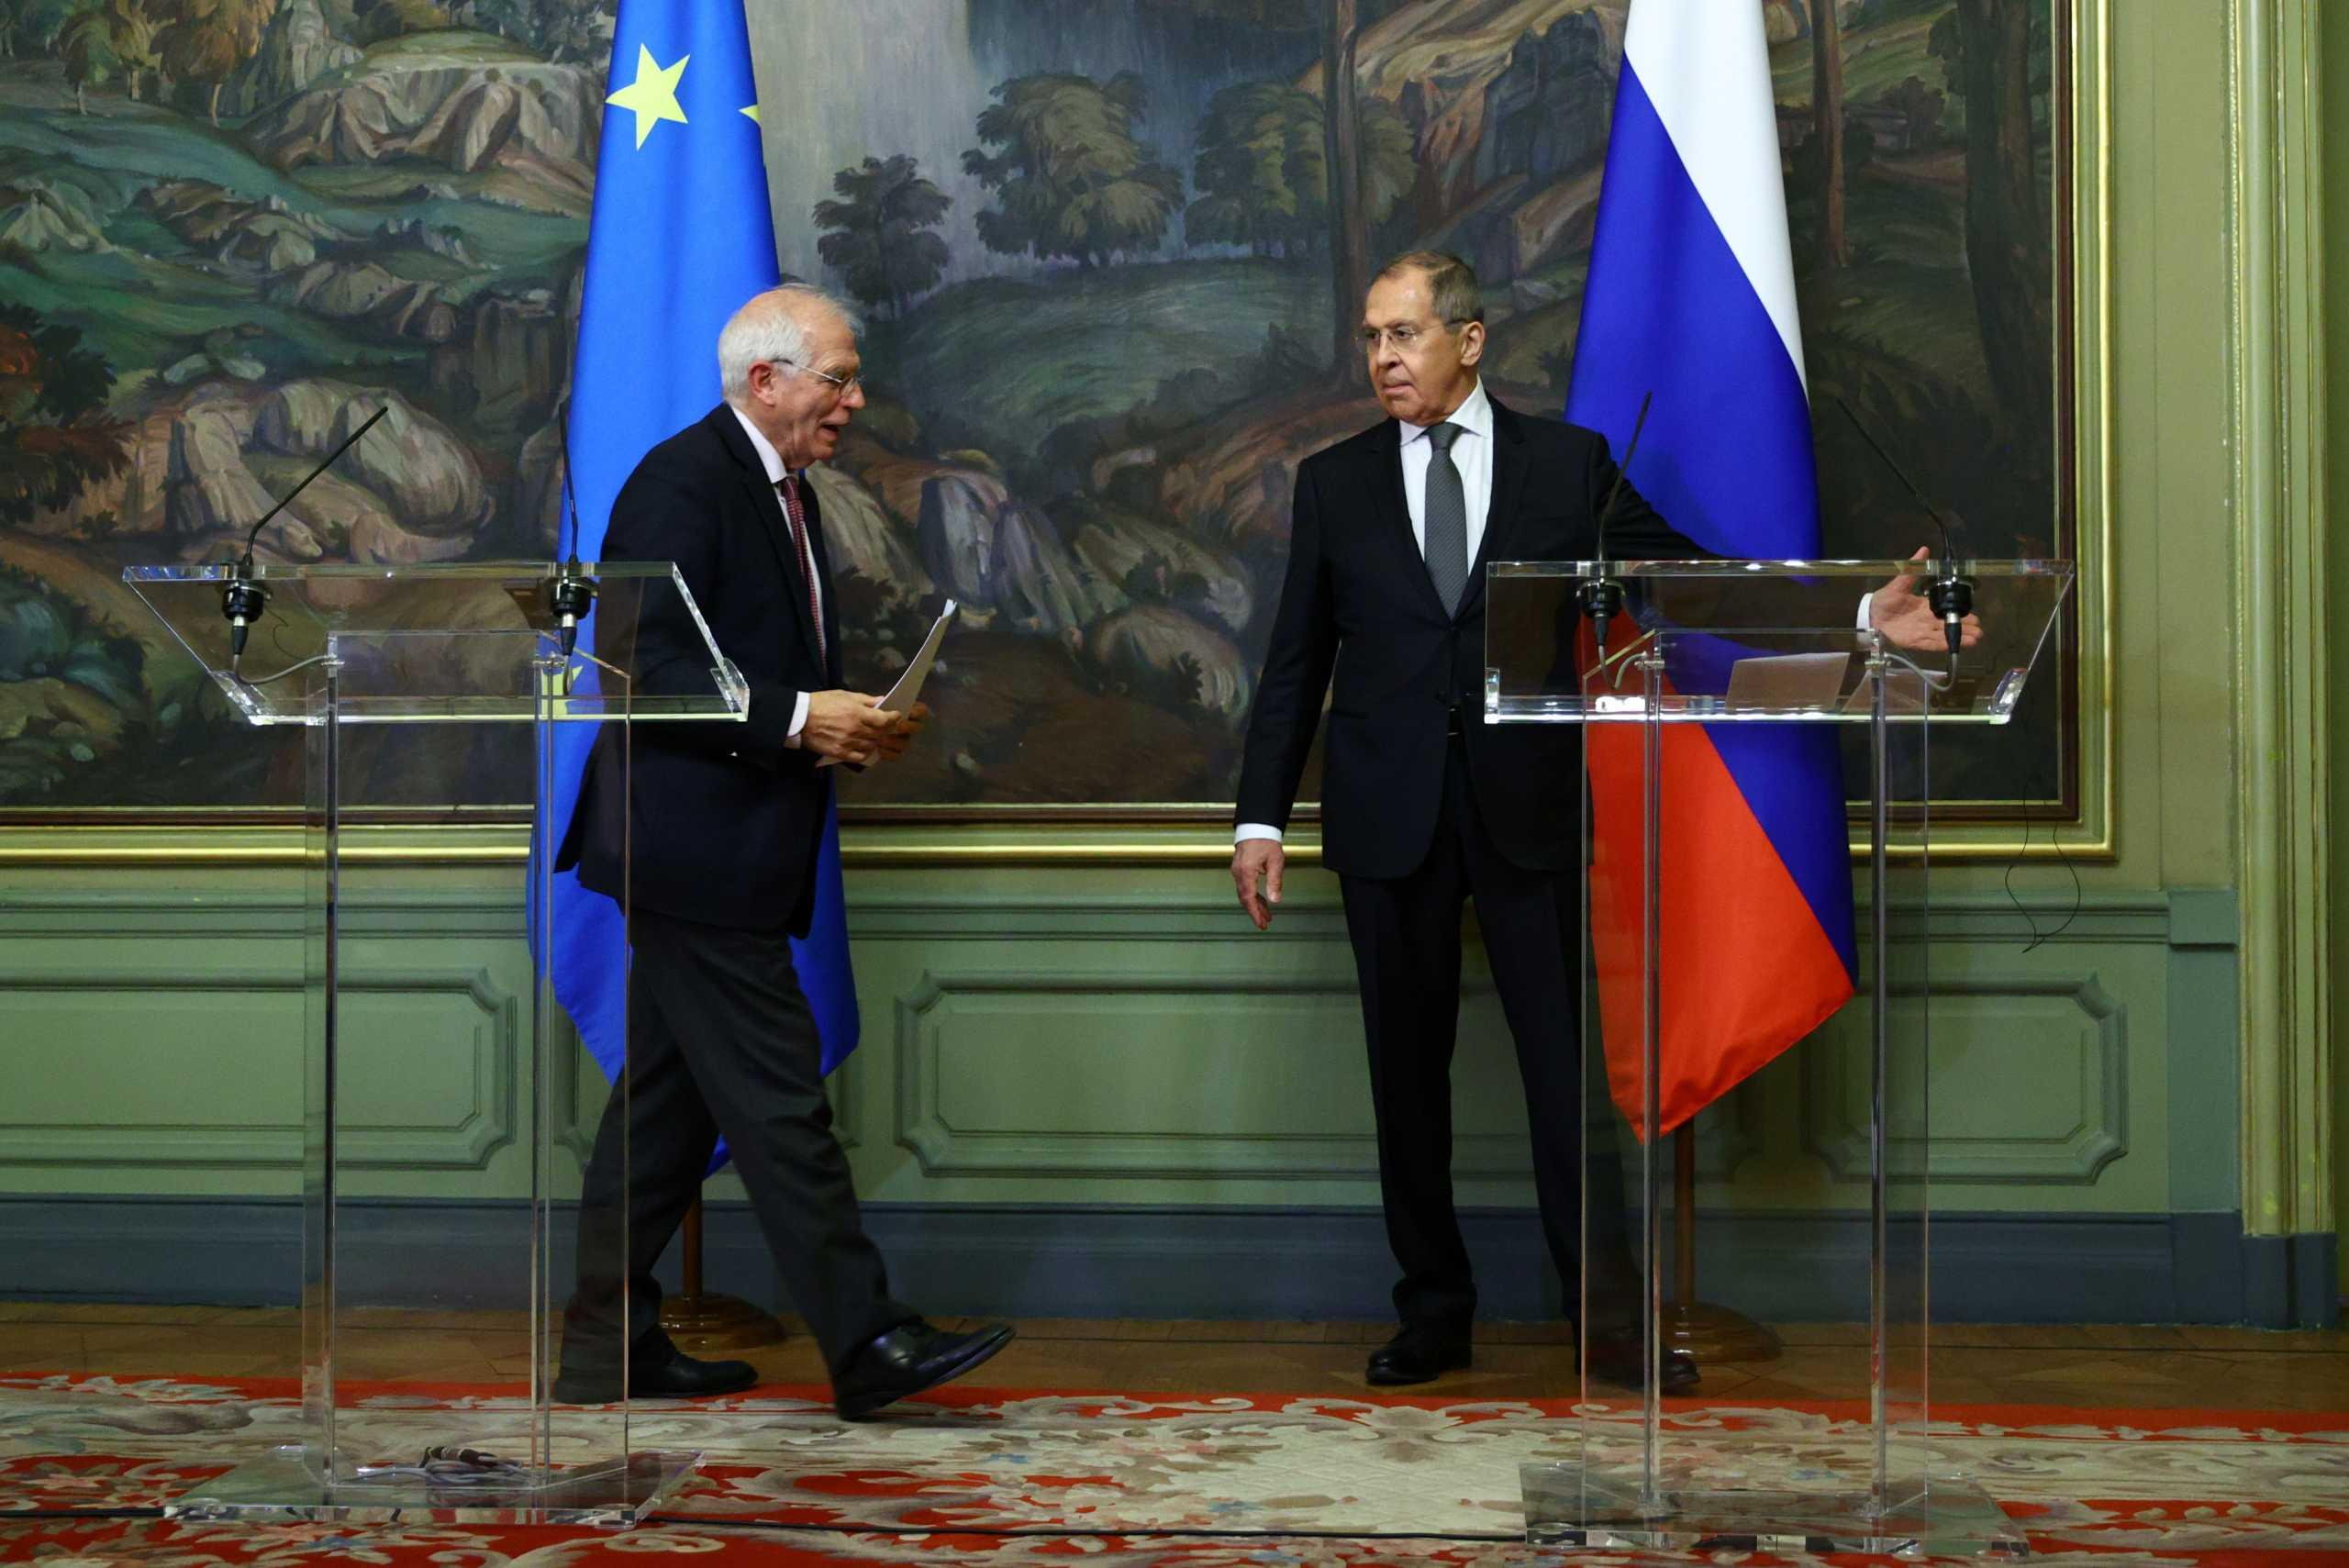 «Οι Βρυξέλλες και η Μόσχα θέλουν να δουλέψουν μαζί παρά τις διαφορές τους»